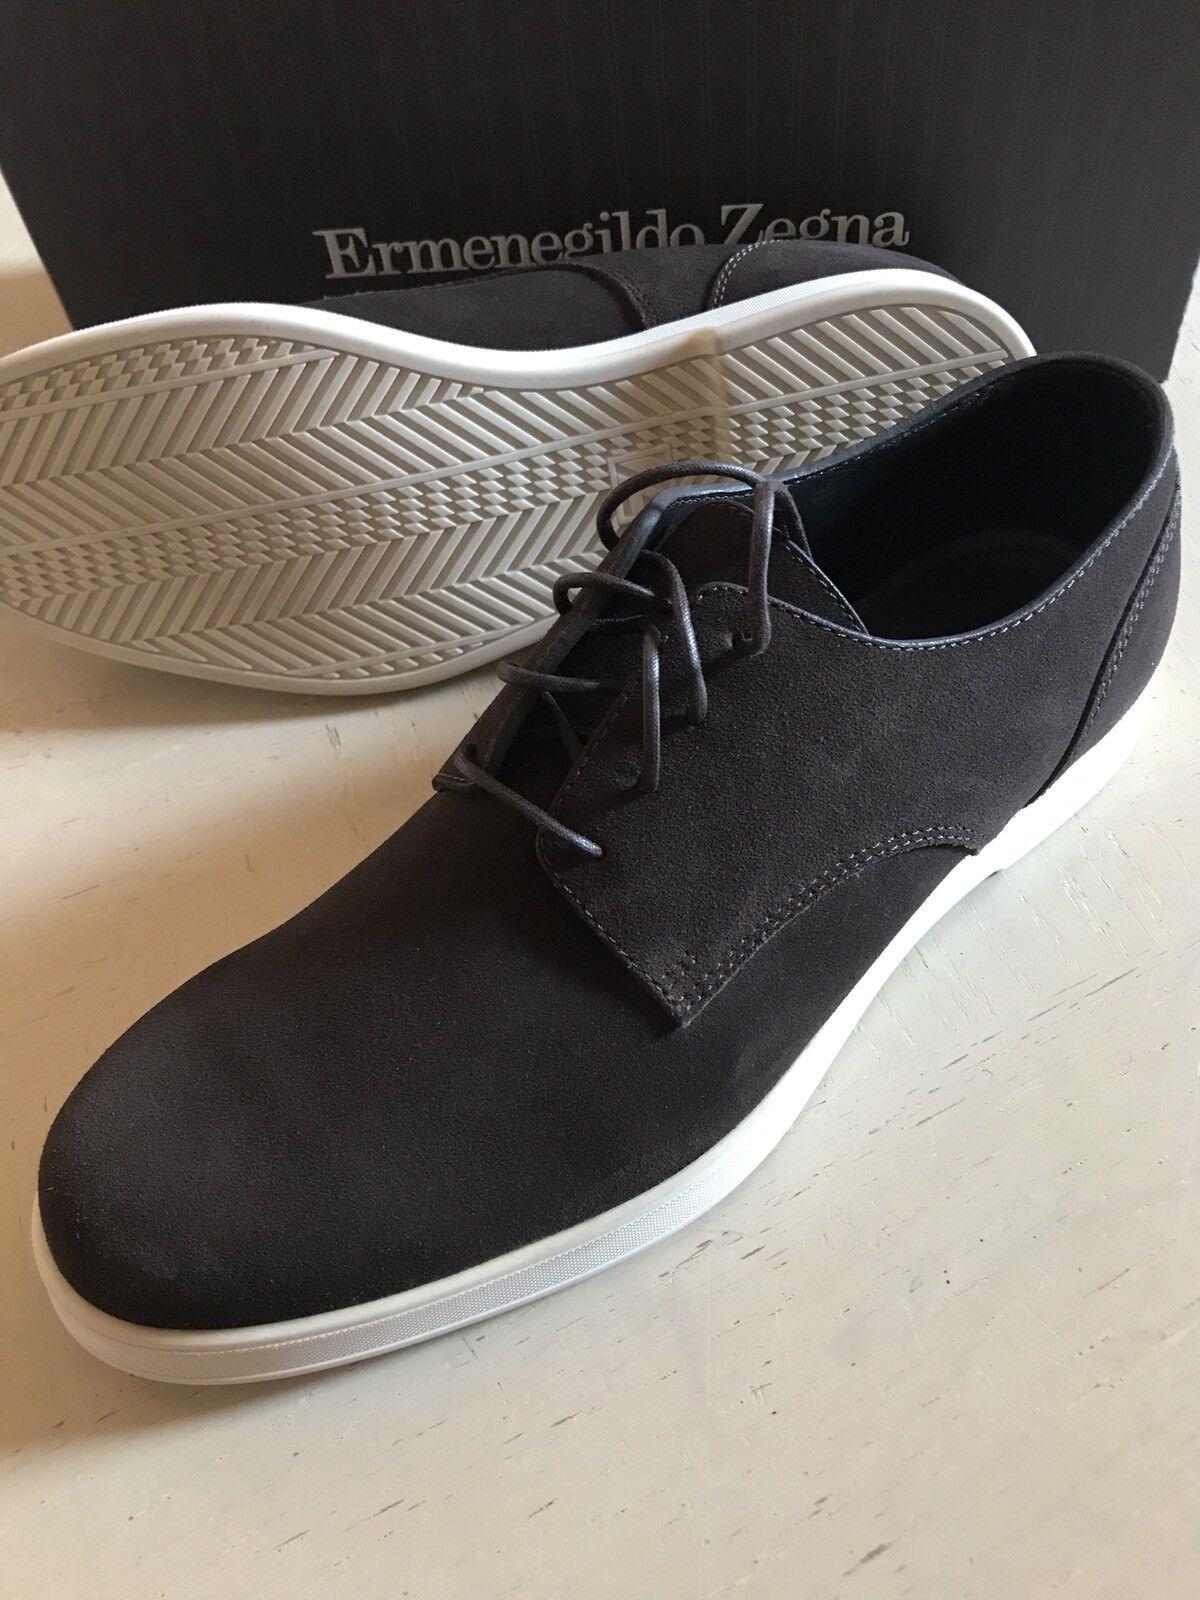 New  575 Ermenegildo Zegna Suede shoes Derby Liscio DK Brown 11.5 US ( 44.5 Eu )